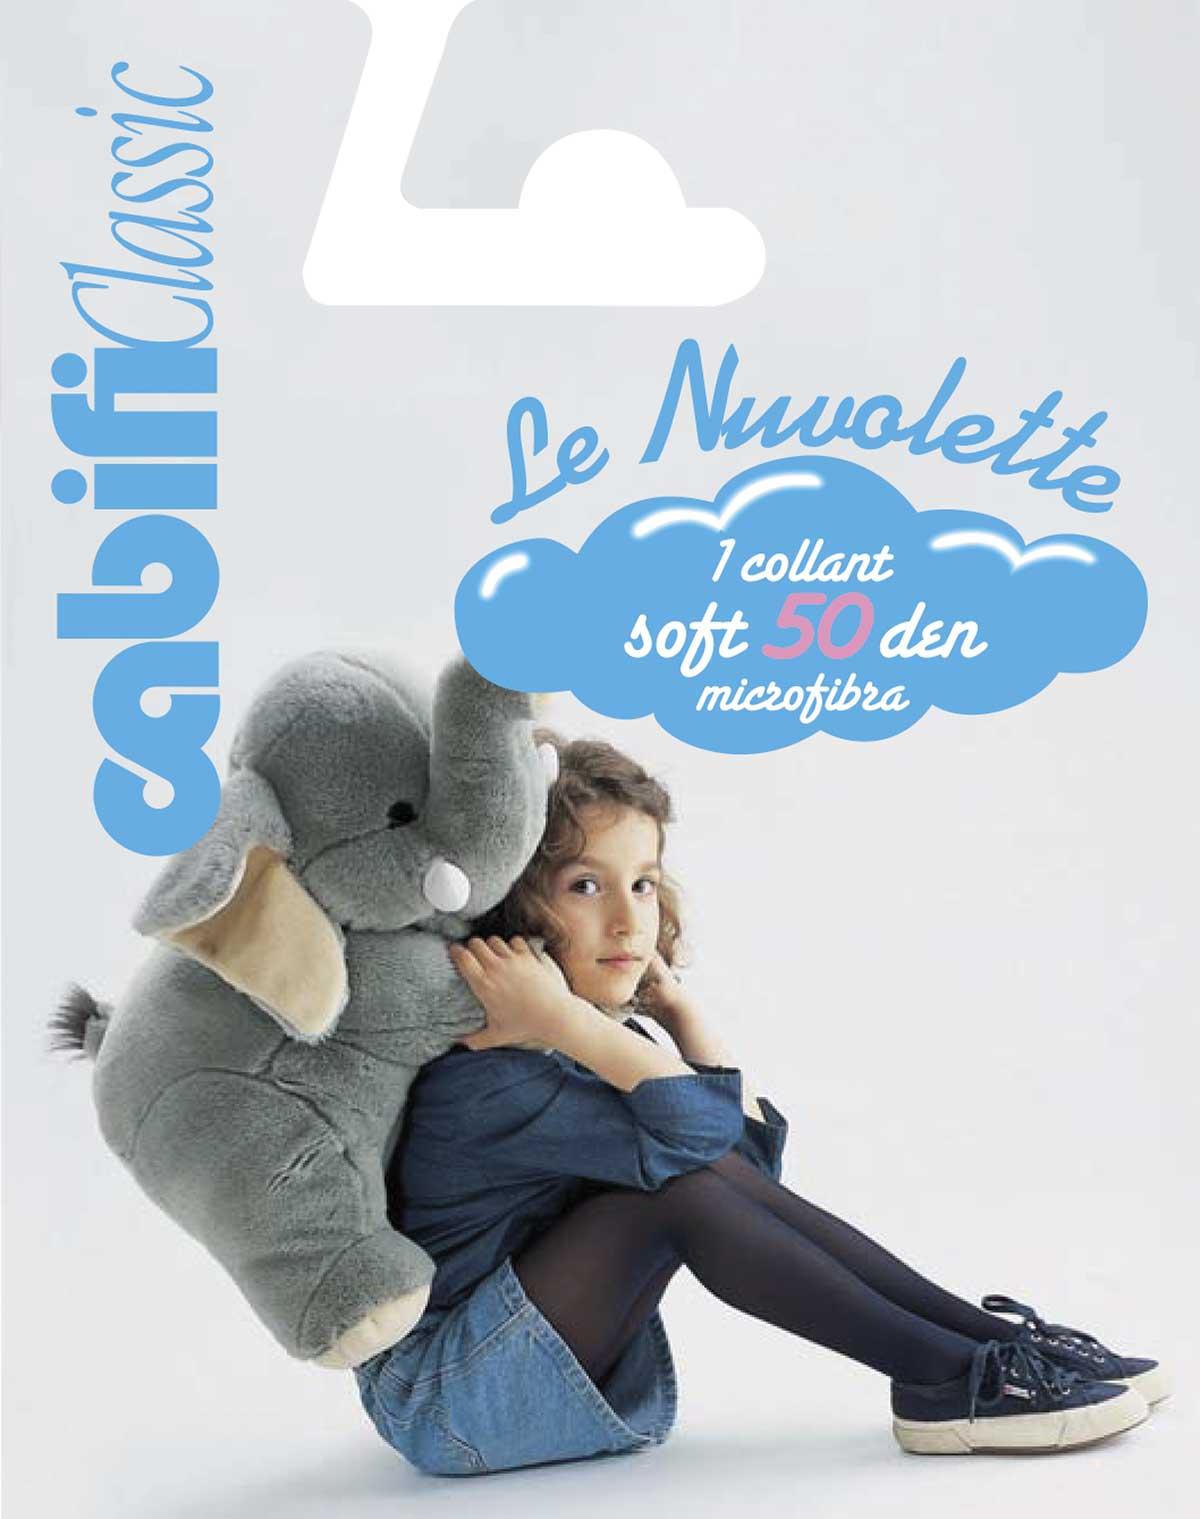 cabifi-bimba-le-nuvolette-soft-50